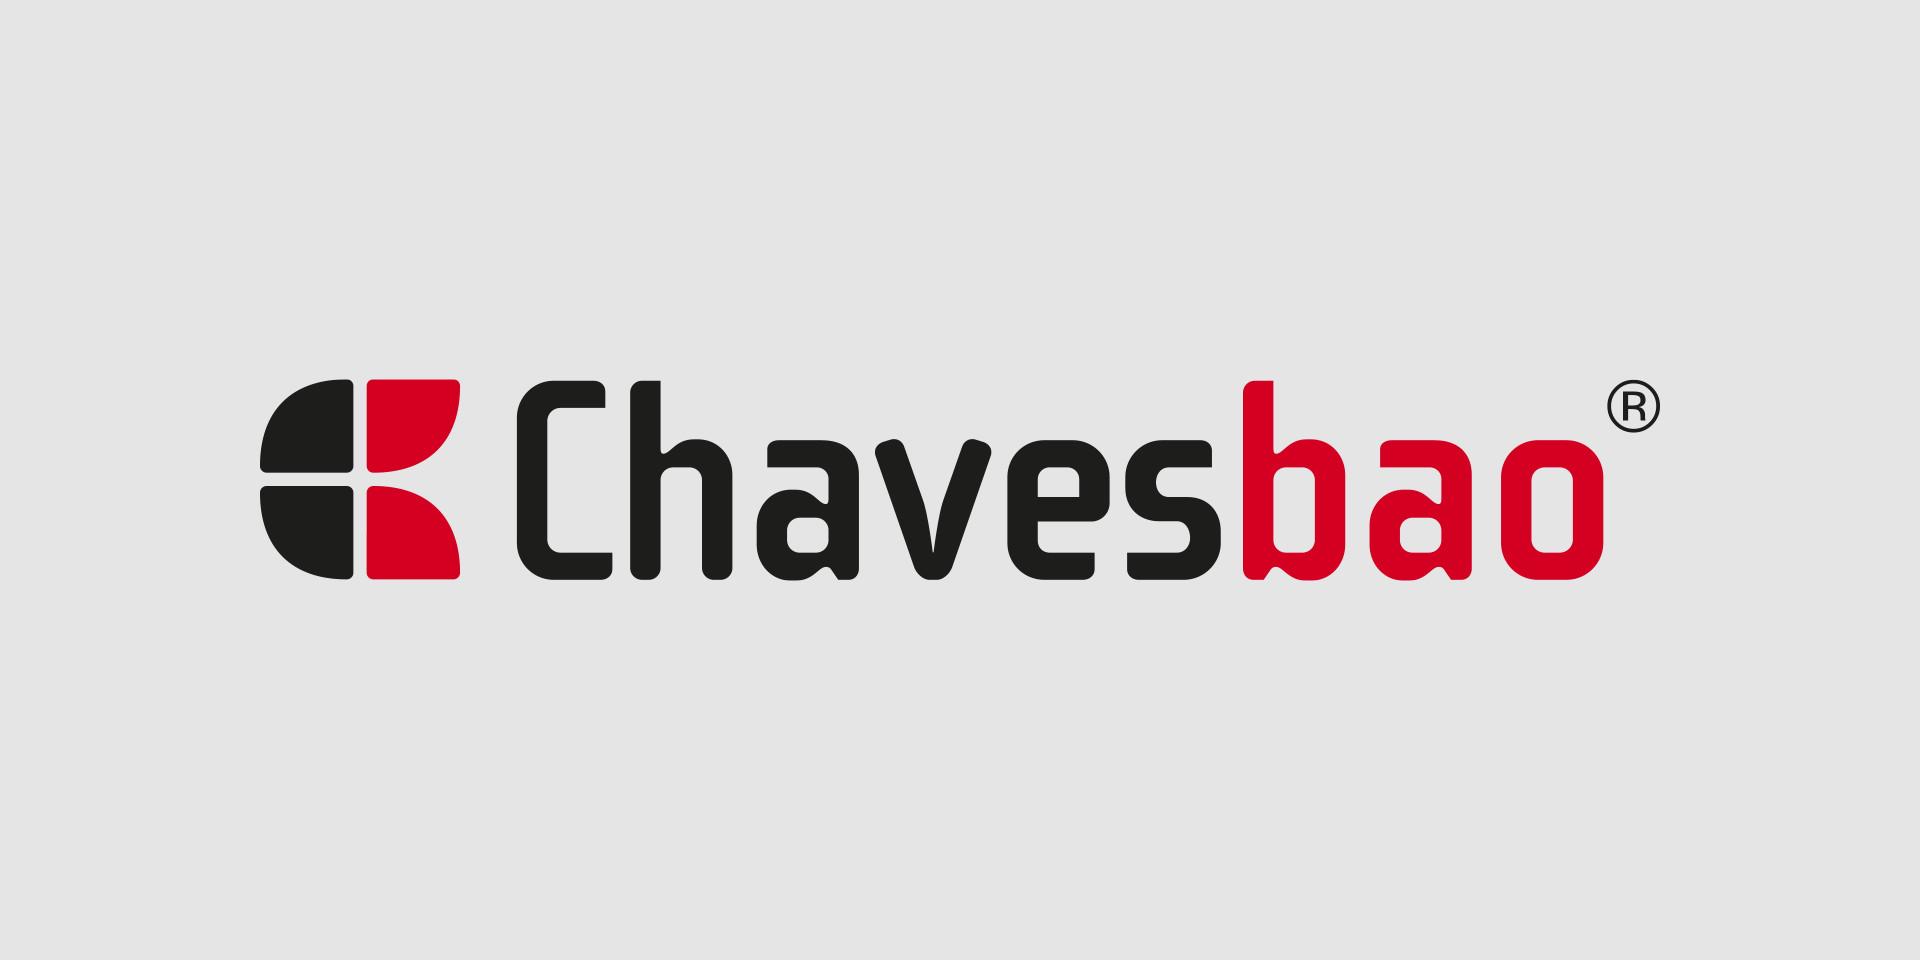 diseño logotipo tornillo chabesbao